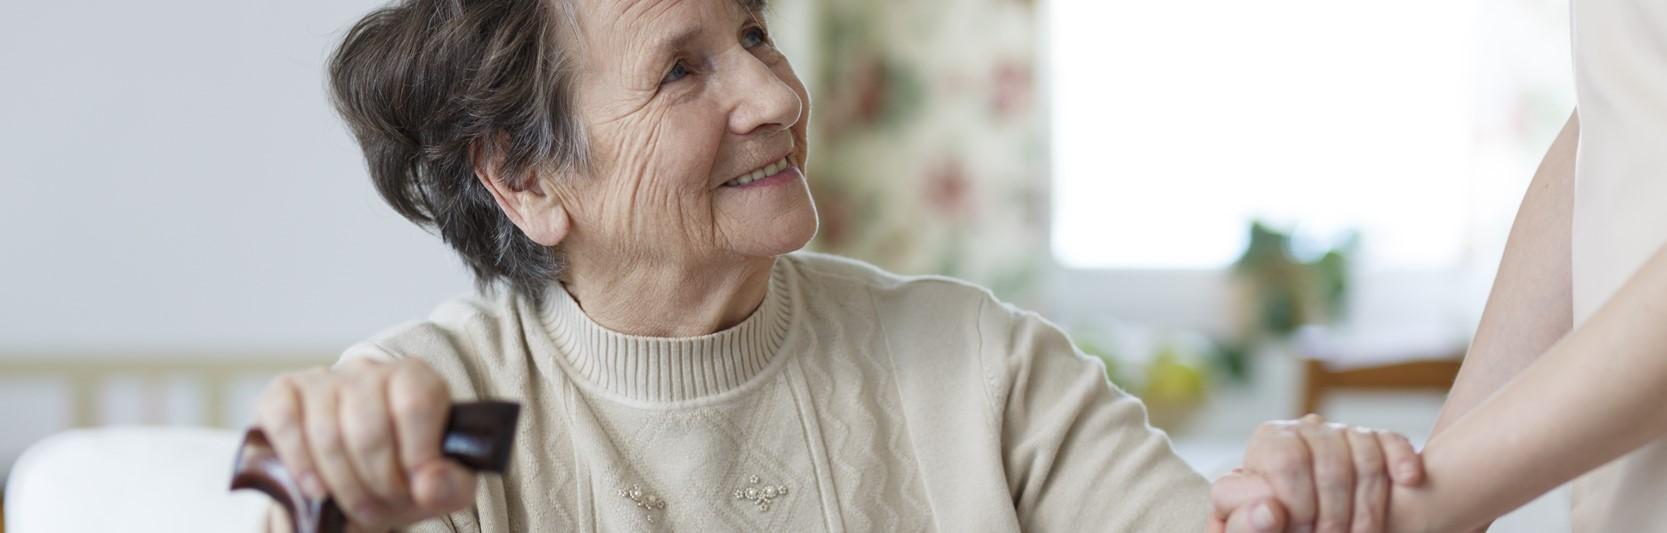 Newsartikel:Kurzzeitpflege – Eine Entlastung für pflegende Angehörige